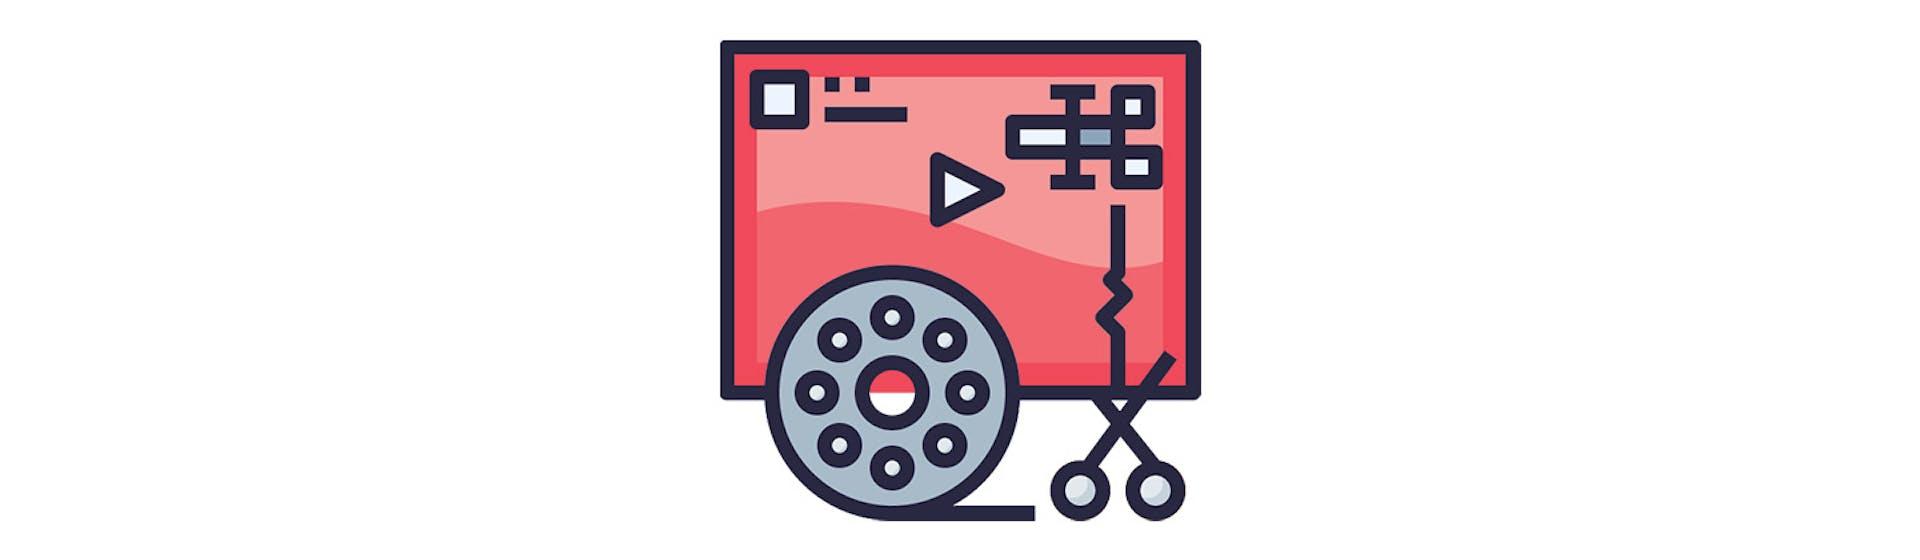 Las mejores ideas acerca de cómo agregar subtítulos a un video